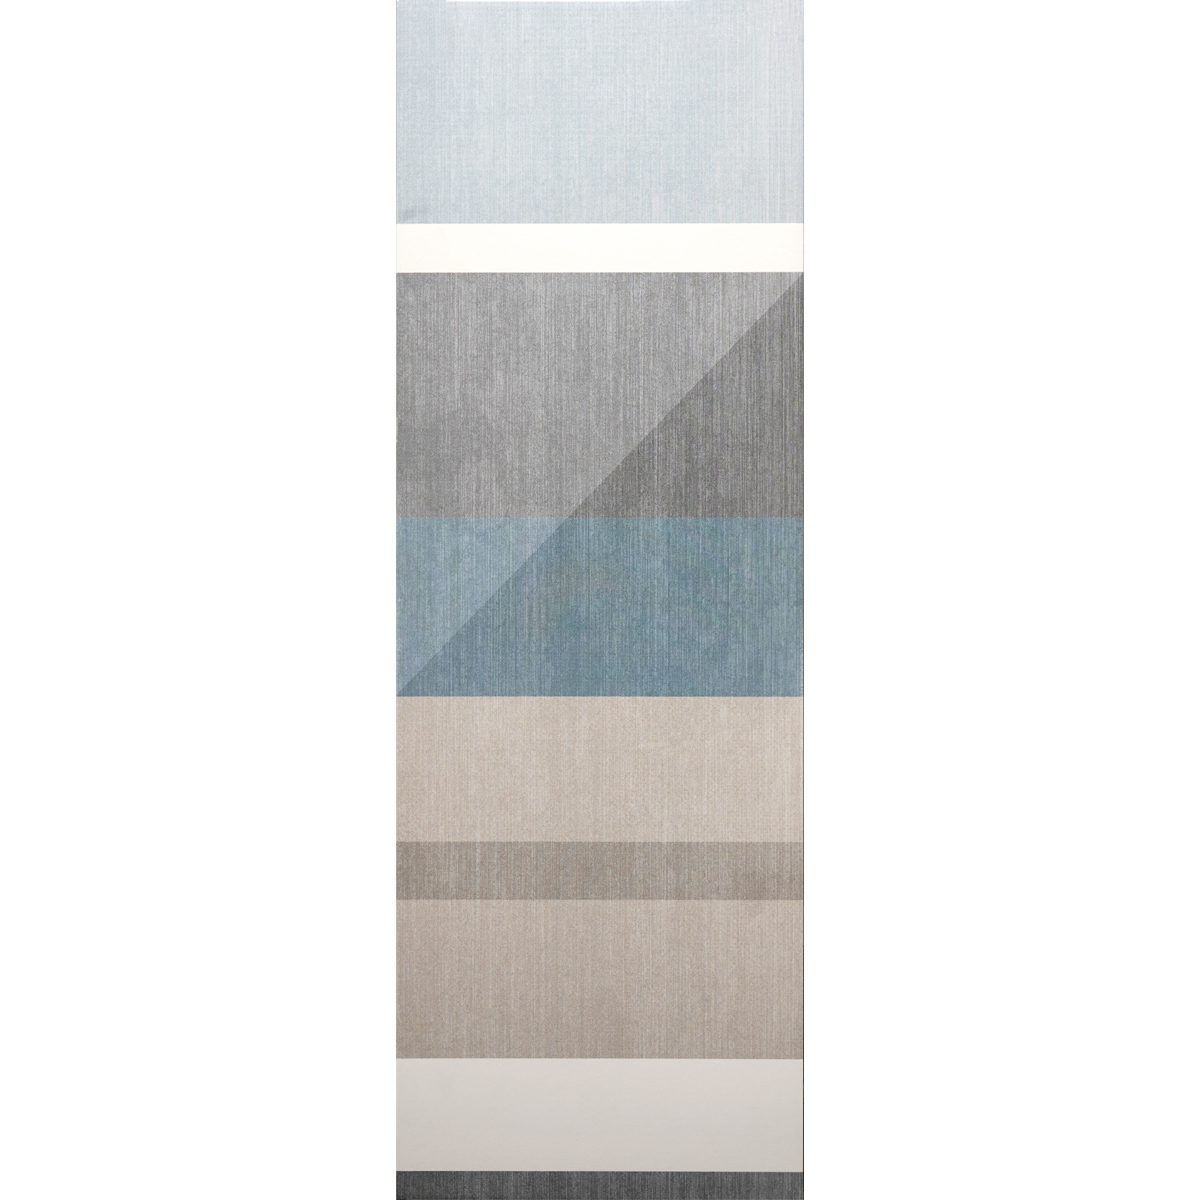 Art decorado indigo 10x30 d00183 2